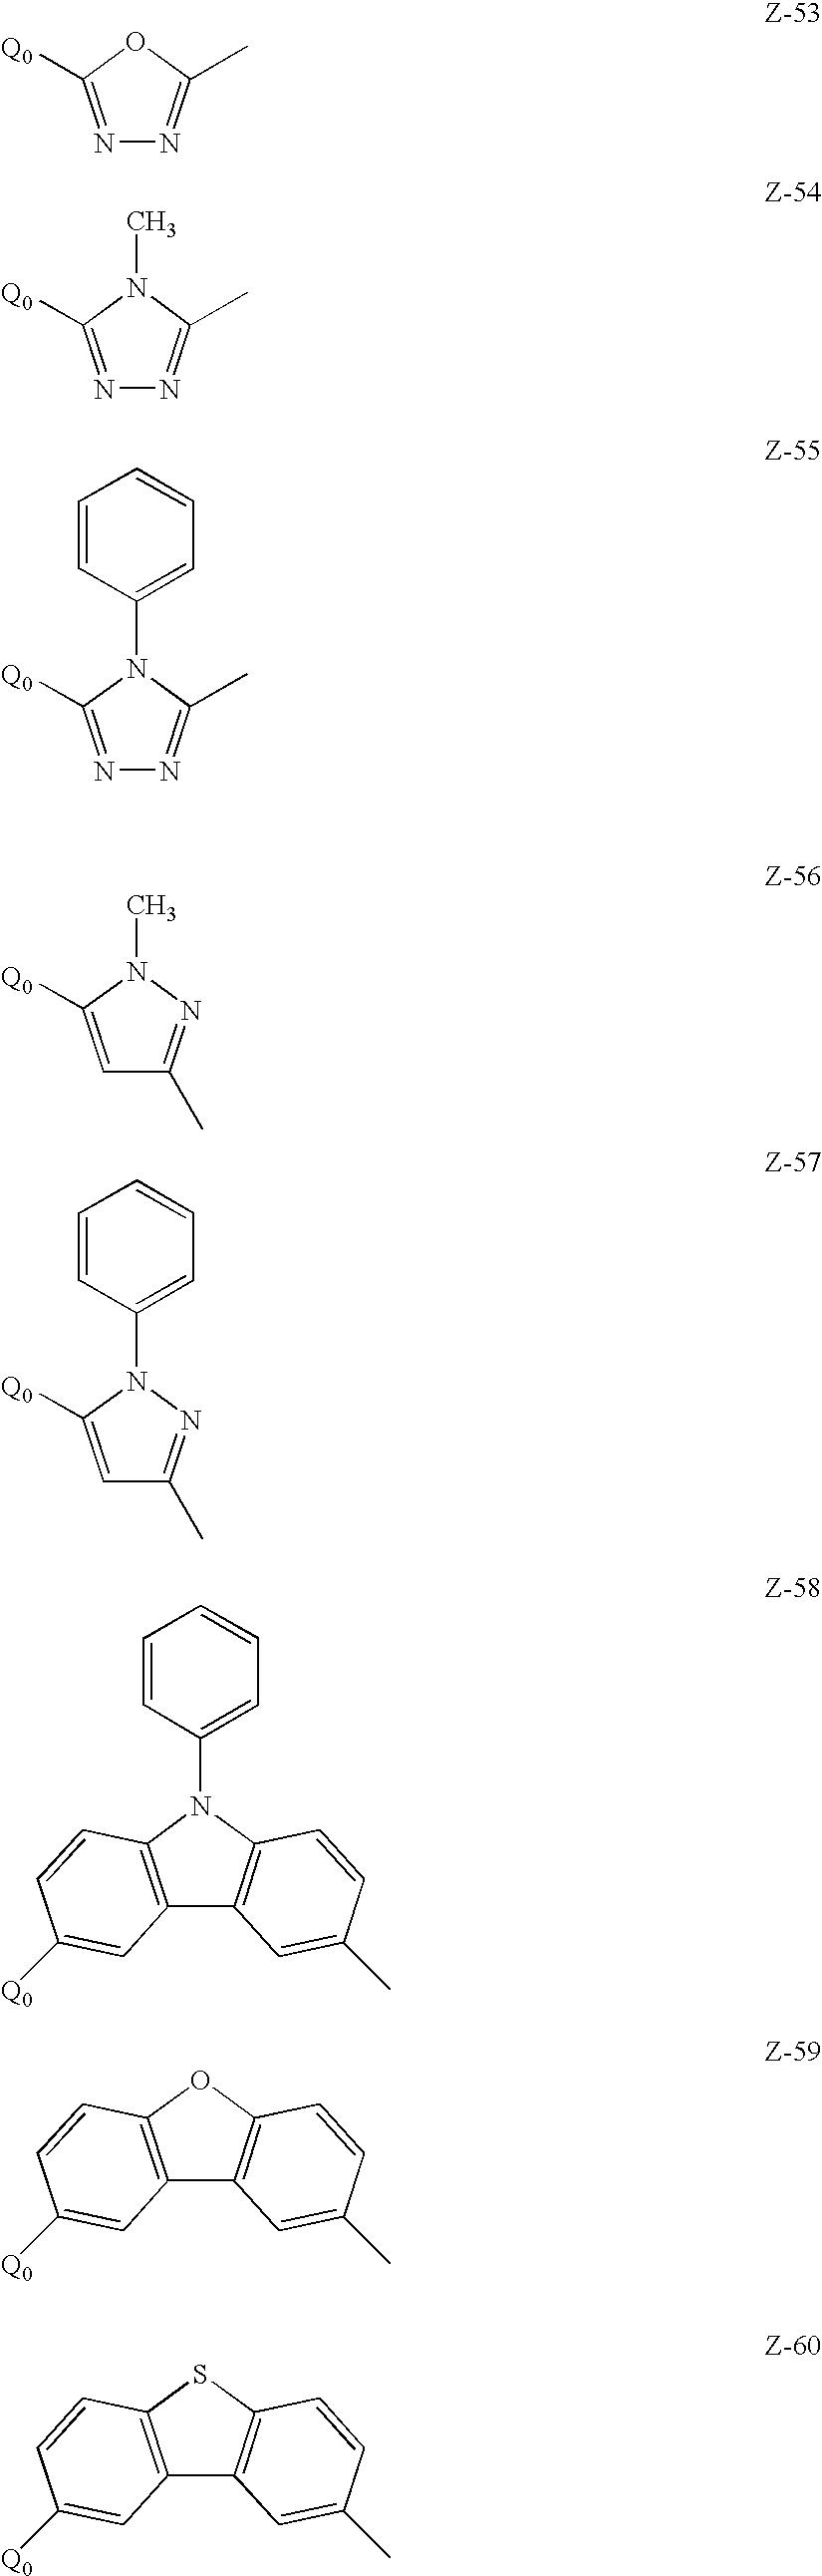 Figure US20060186796A1-20060824-C00012